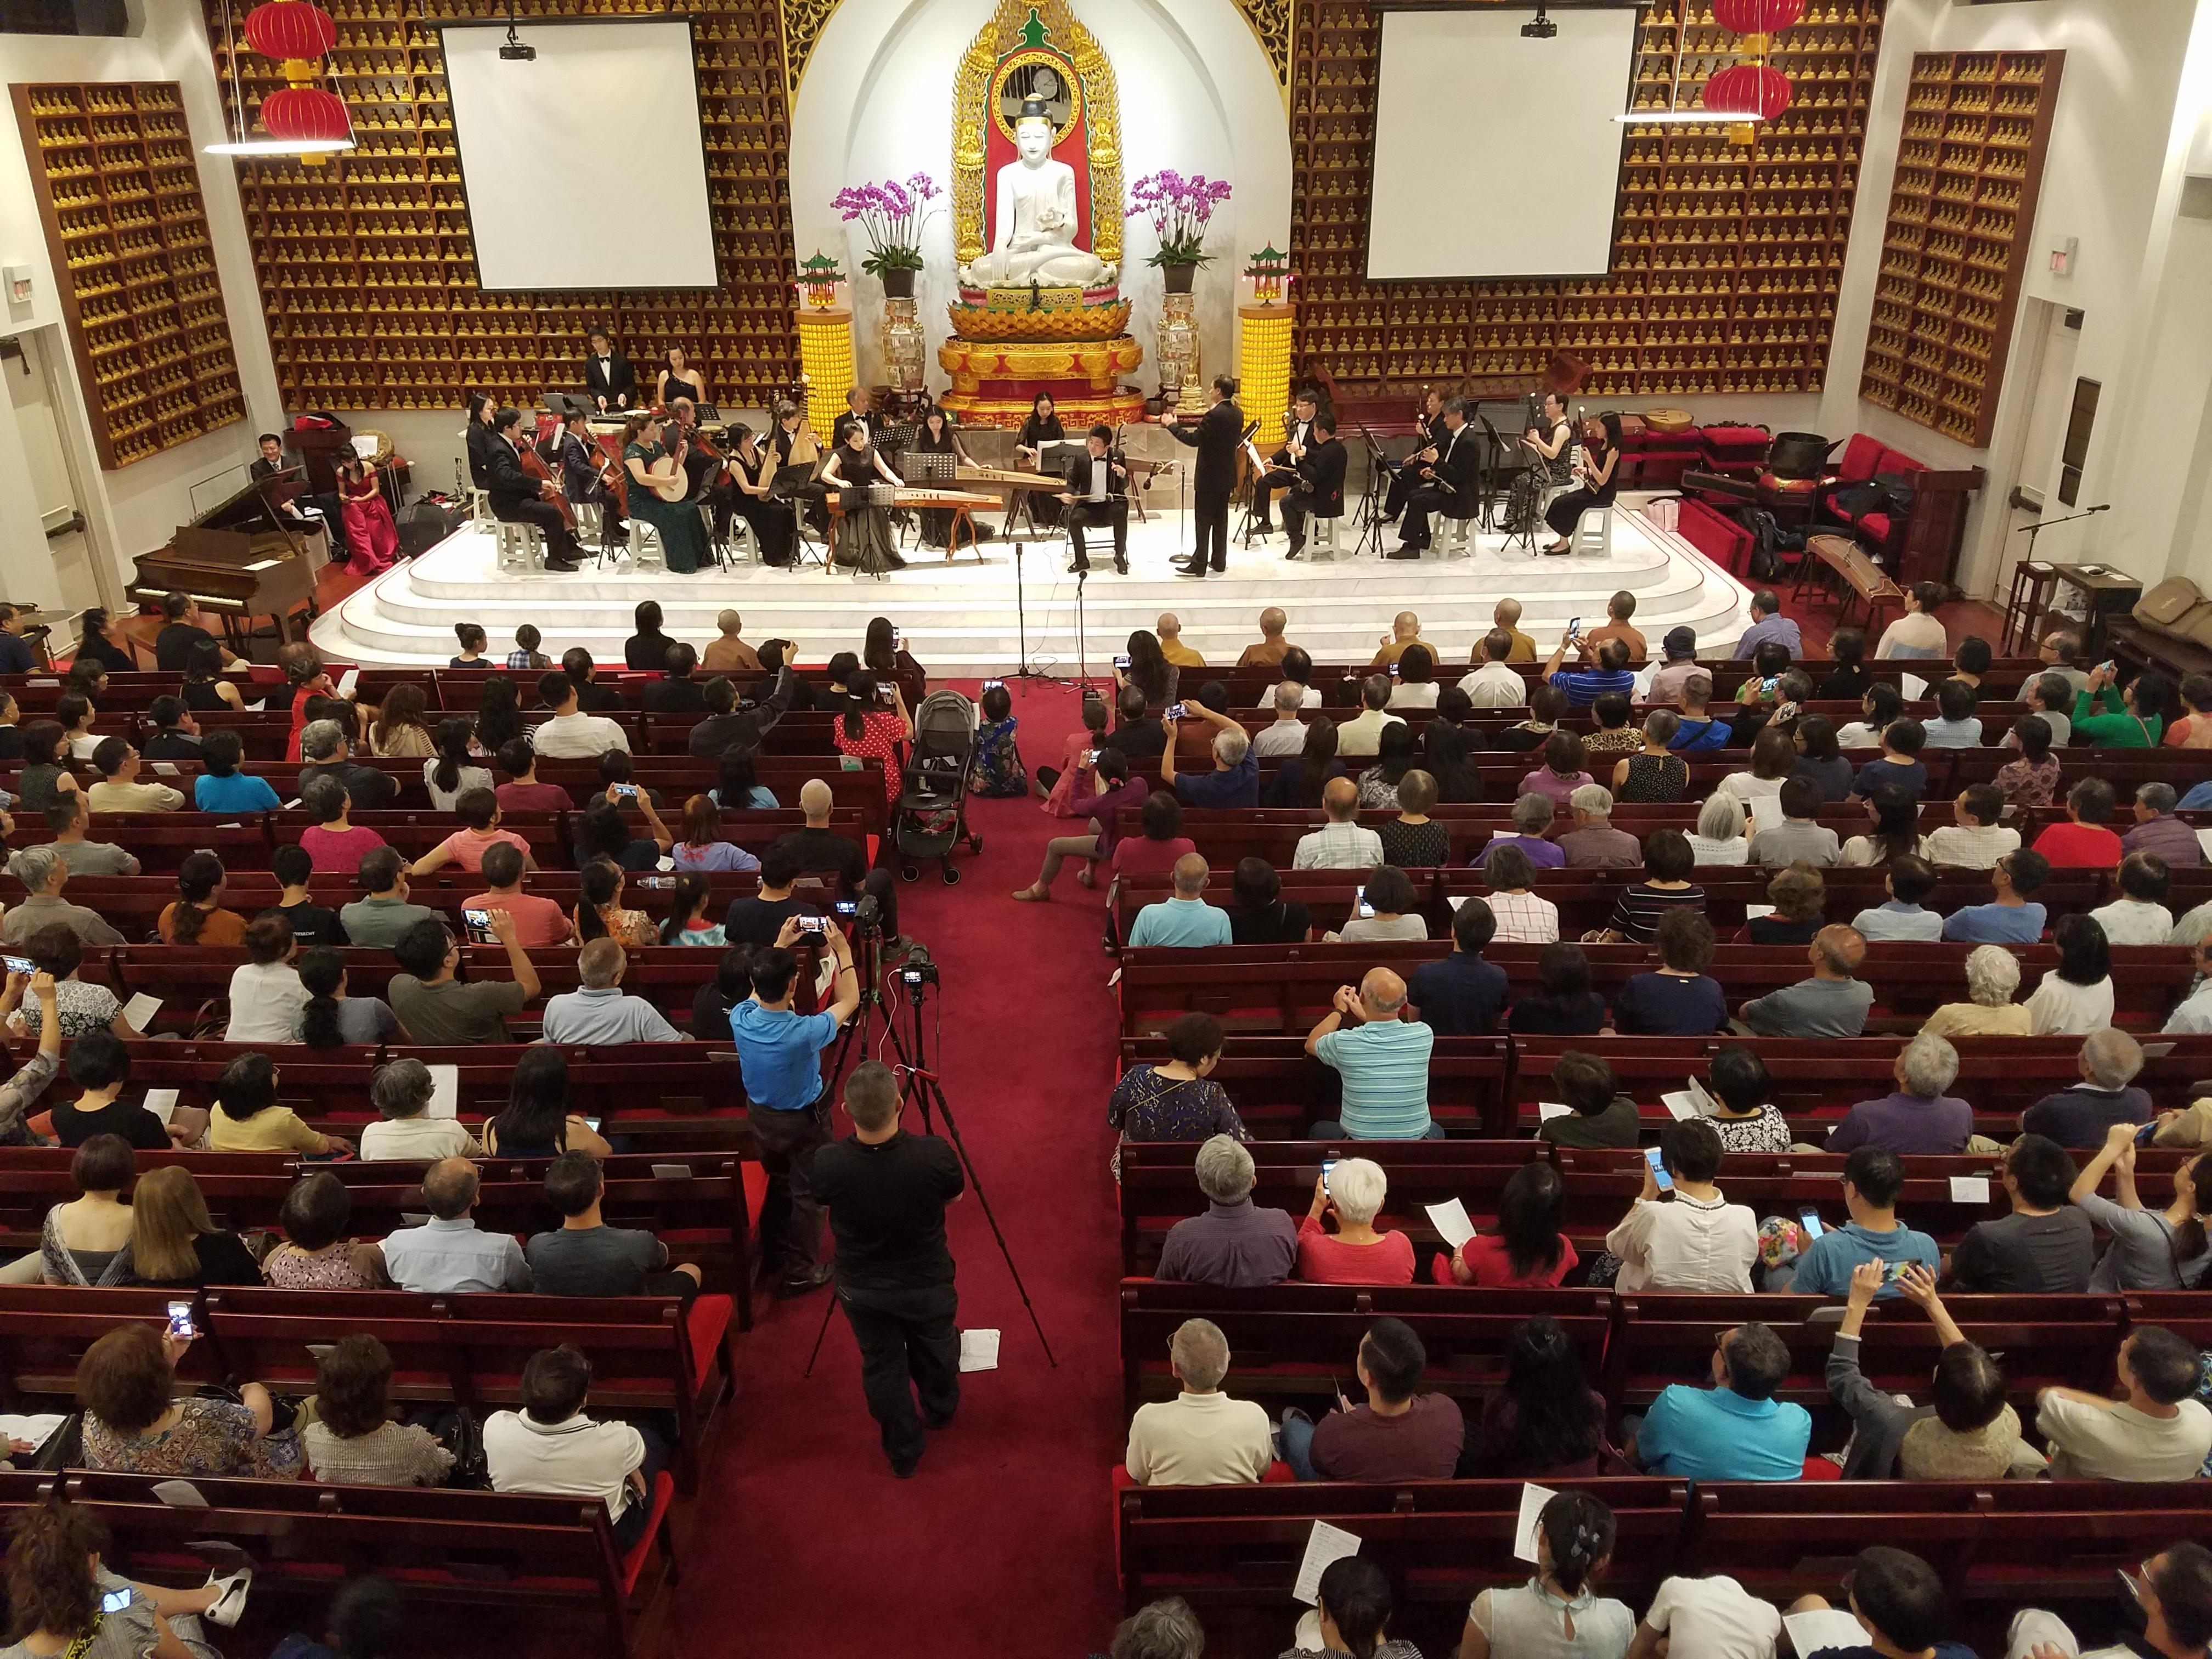 德州佛教會與休士頓中華民樂團共同舉辦「月韻弦歌」的中秋音樂晚會。(德州佛教會提供)